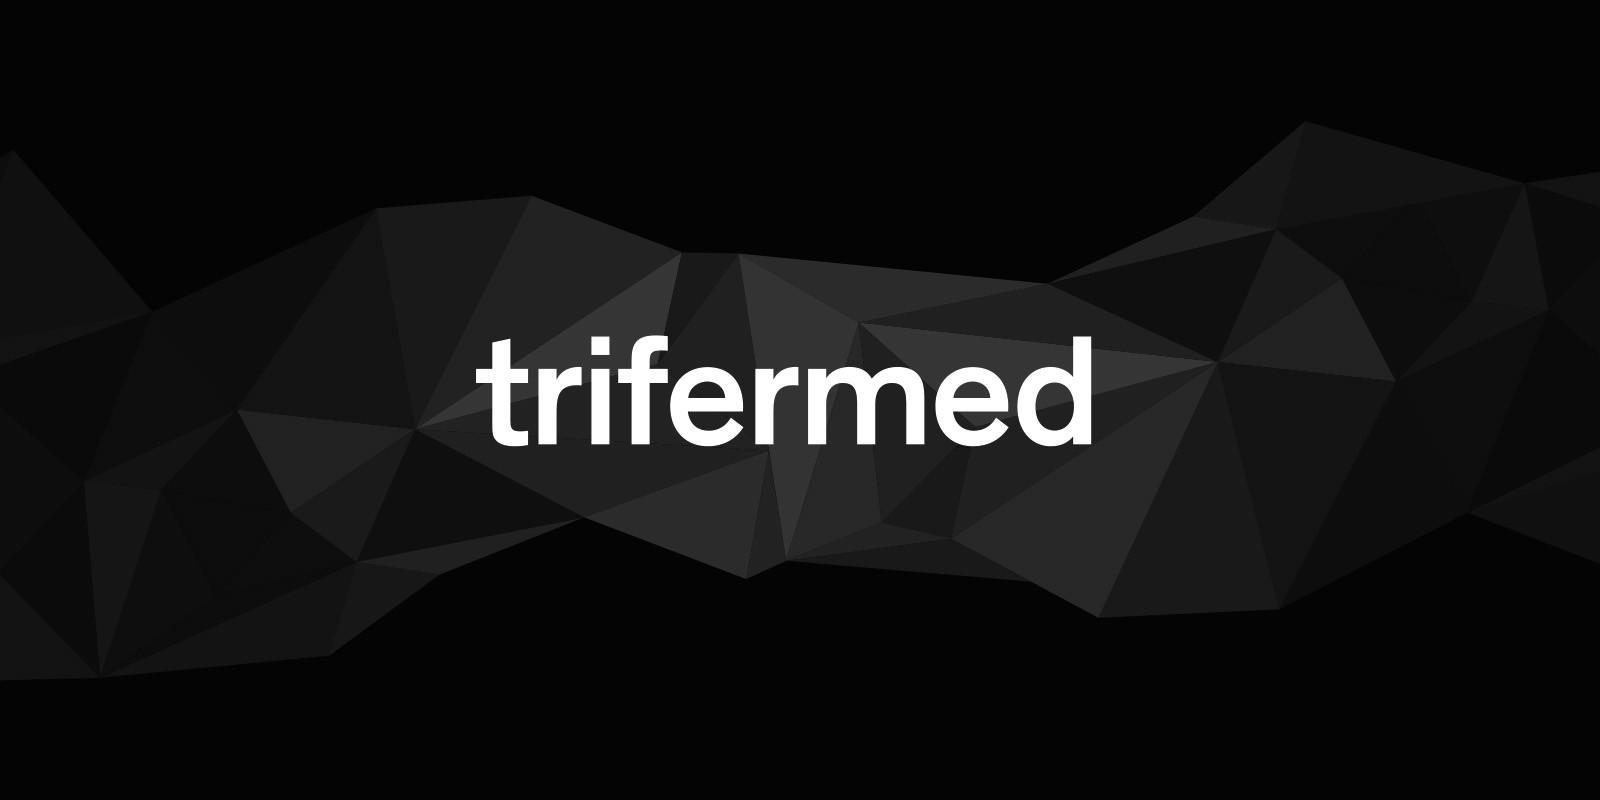 Trifermed